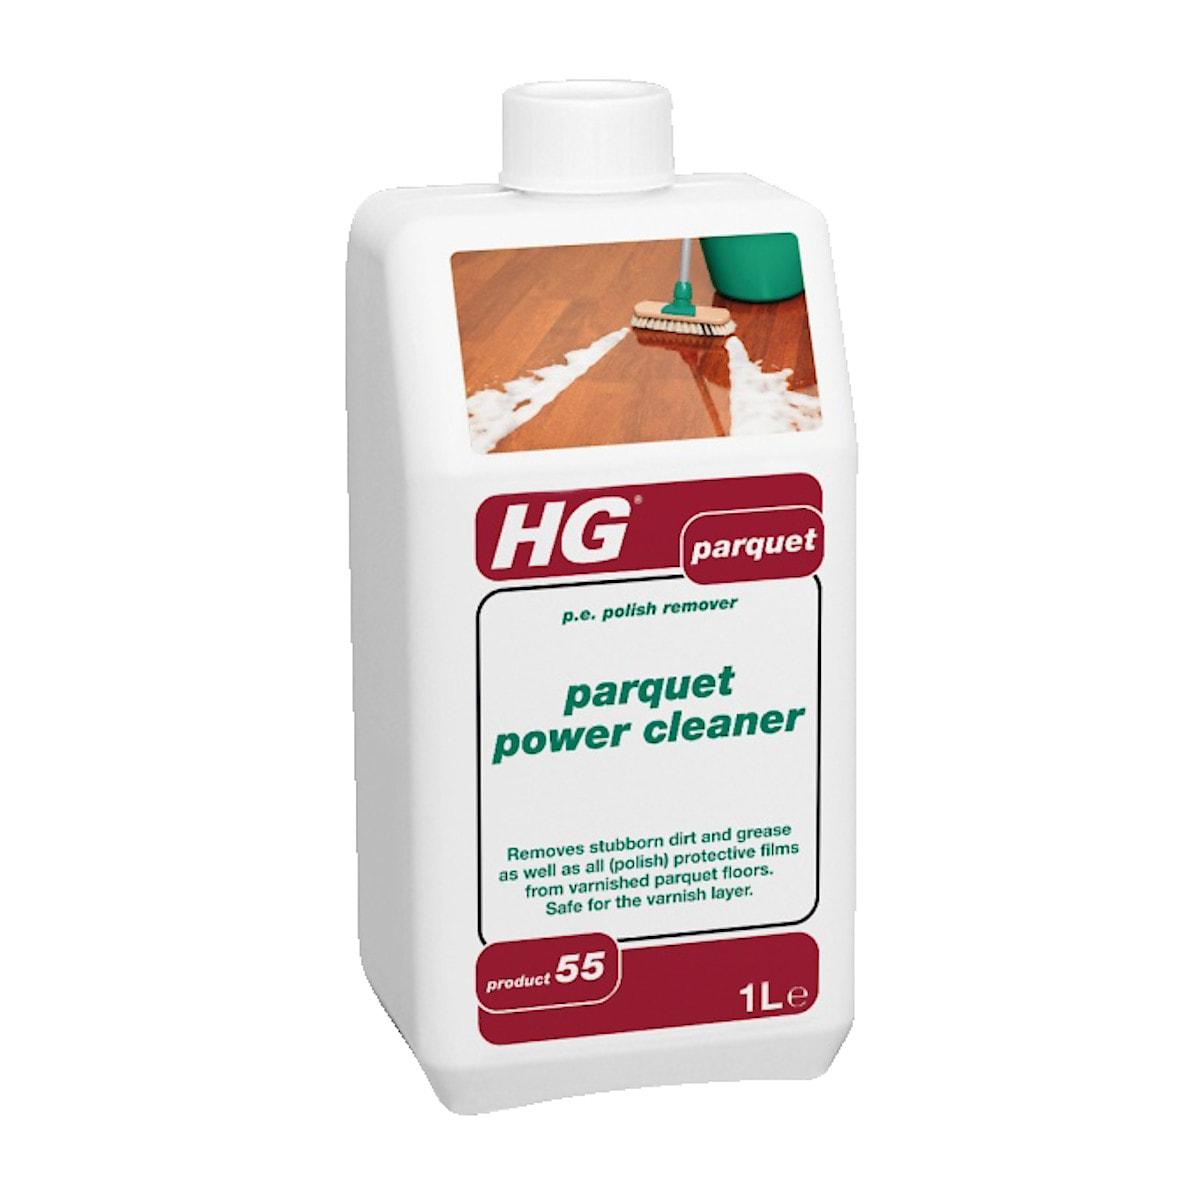 HG parquet power cleaner